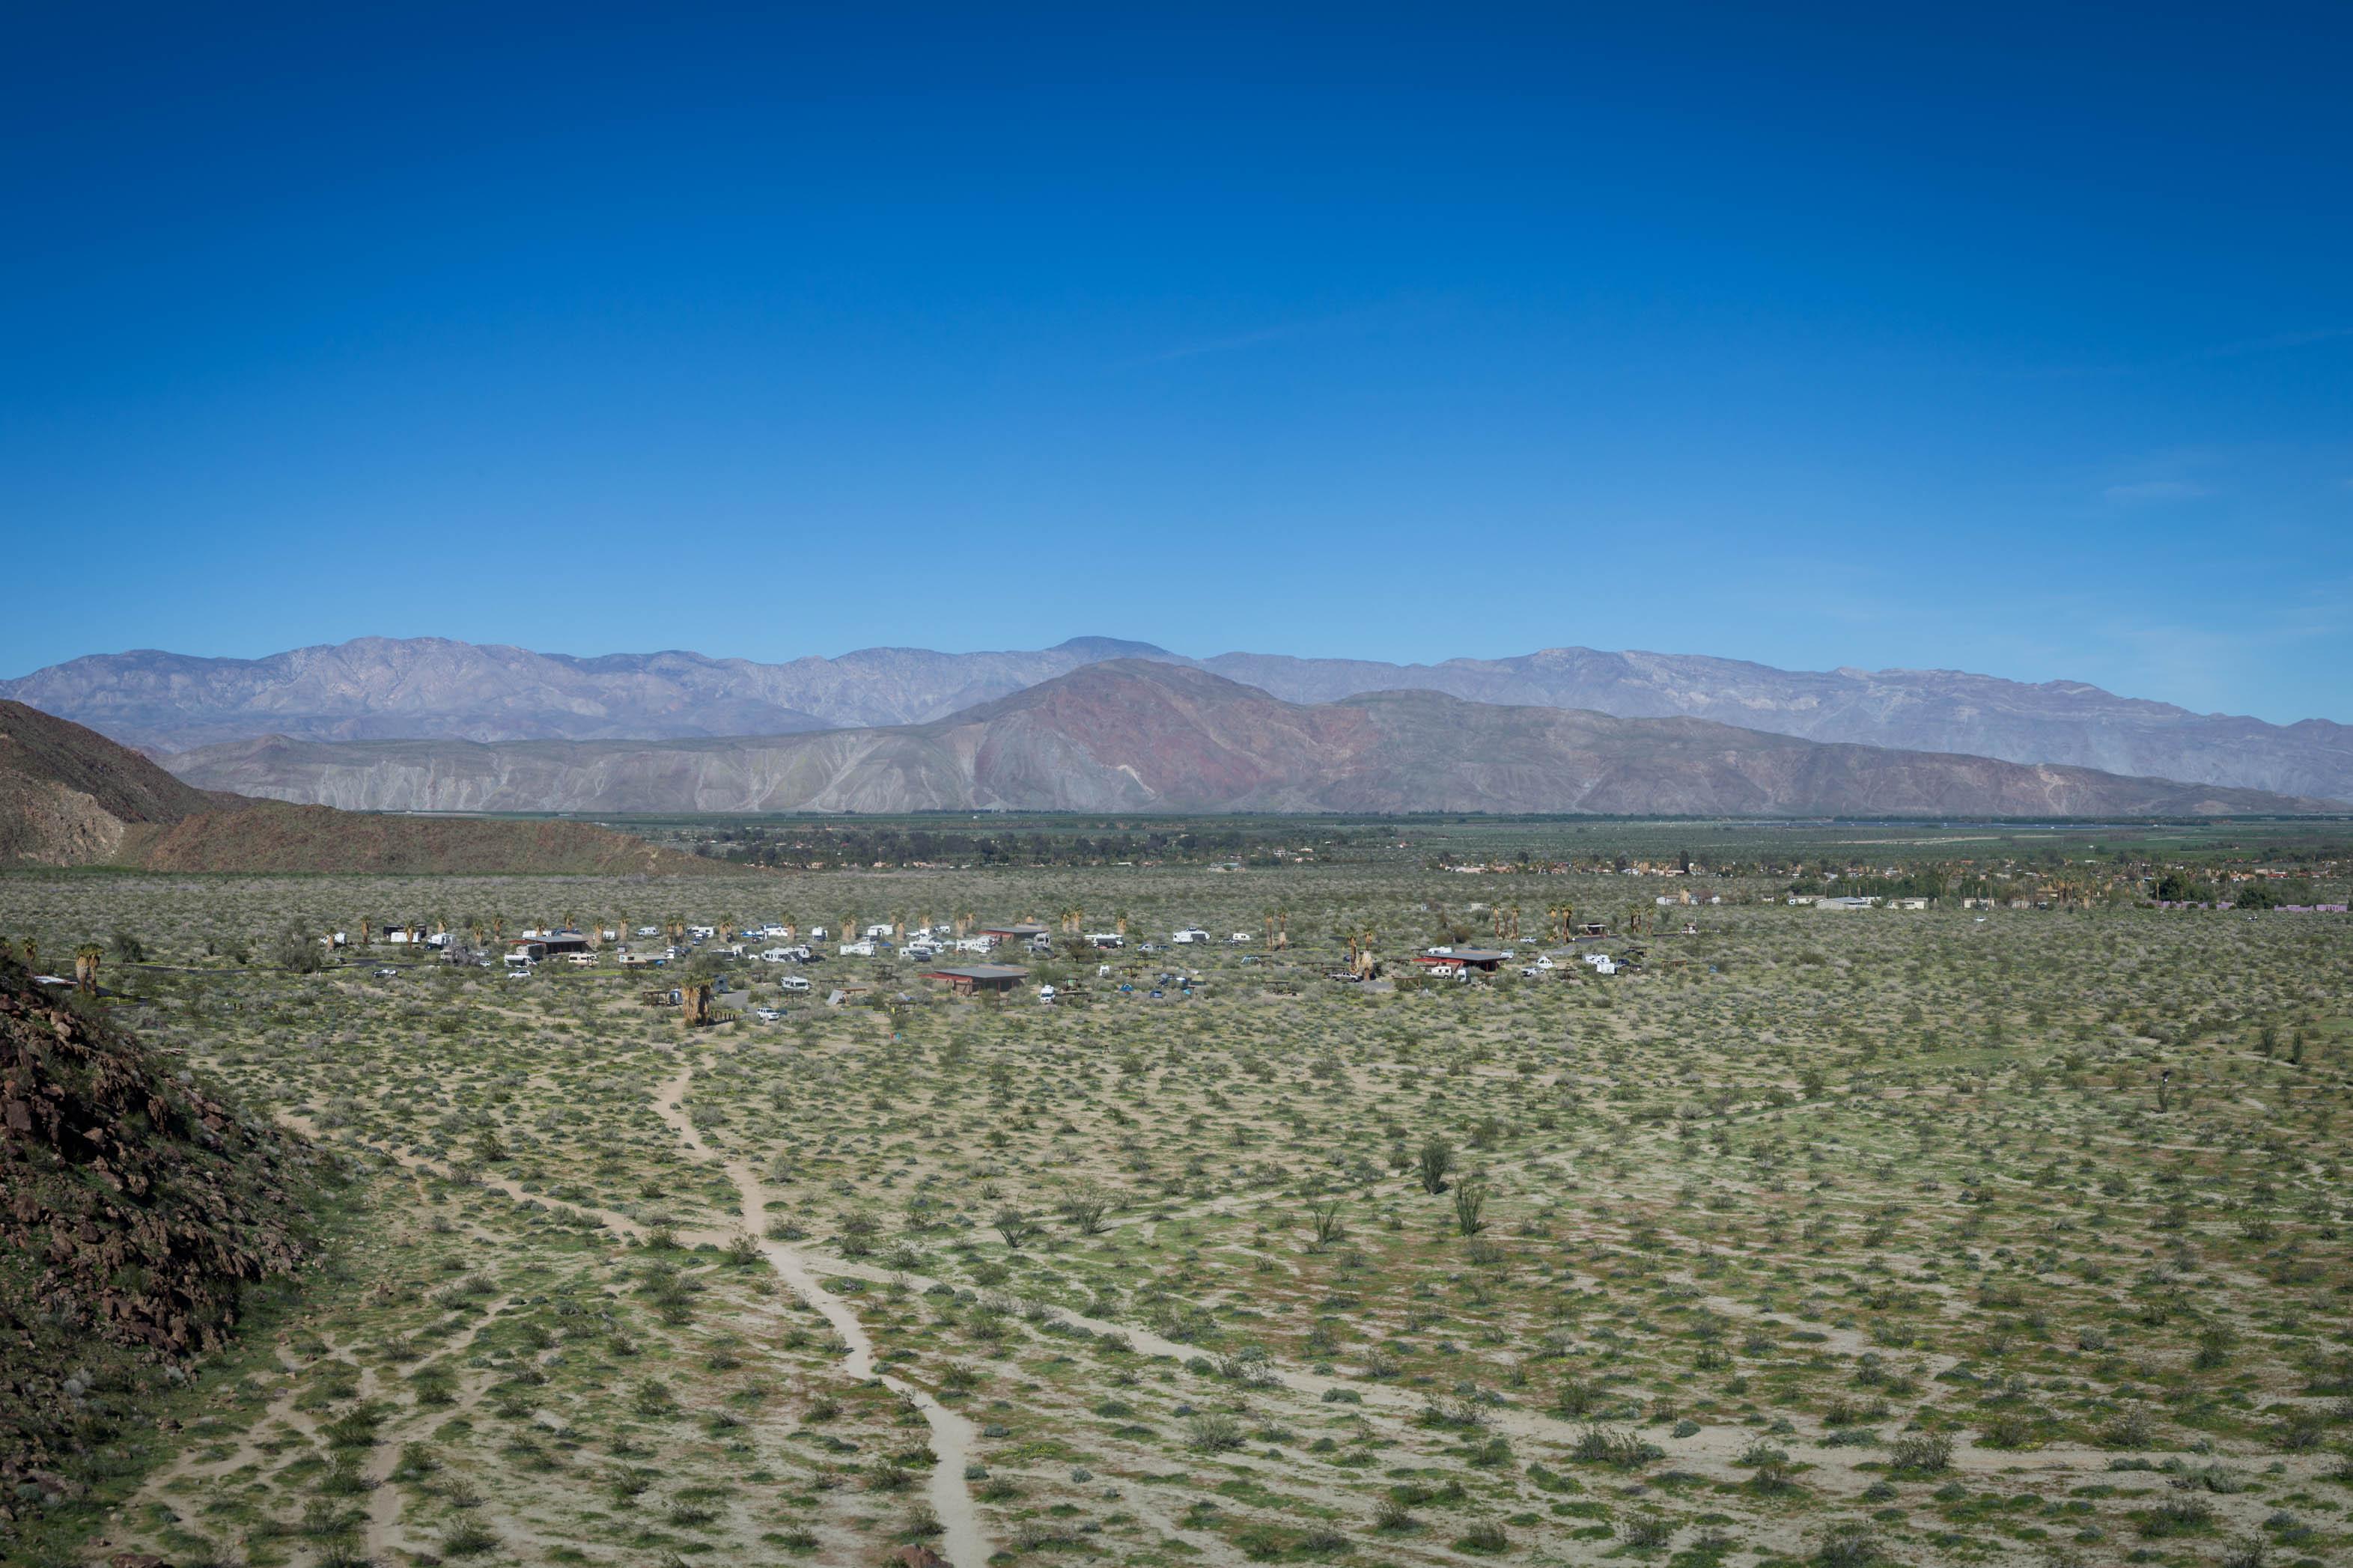 Point de vue sur l'Anza Borrego Desert State Park